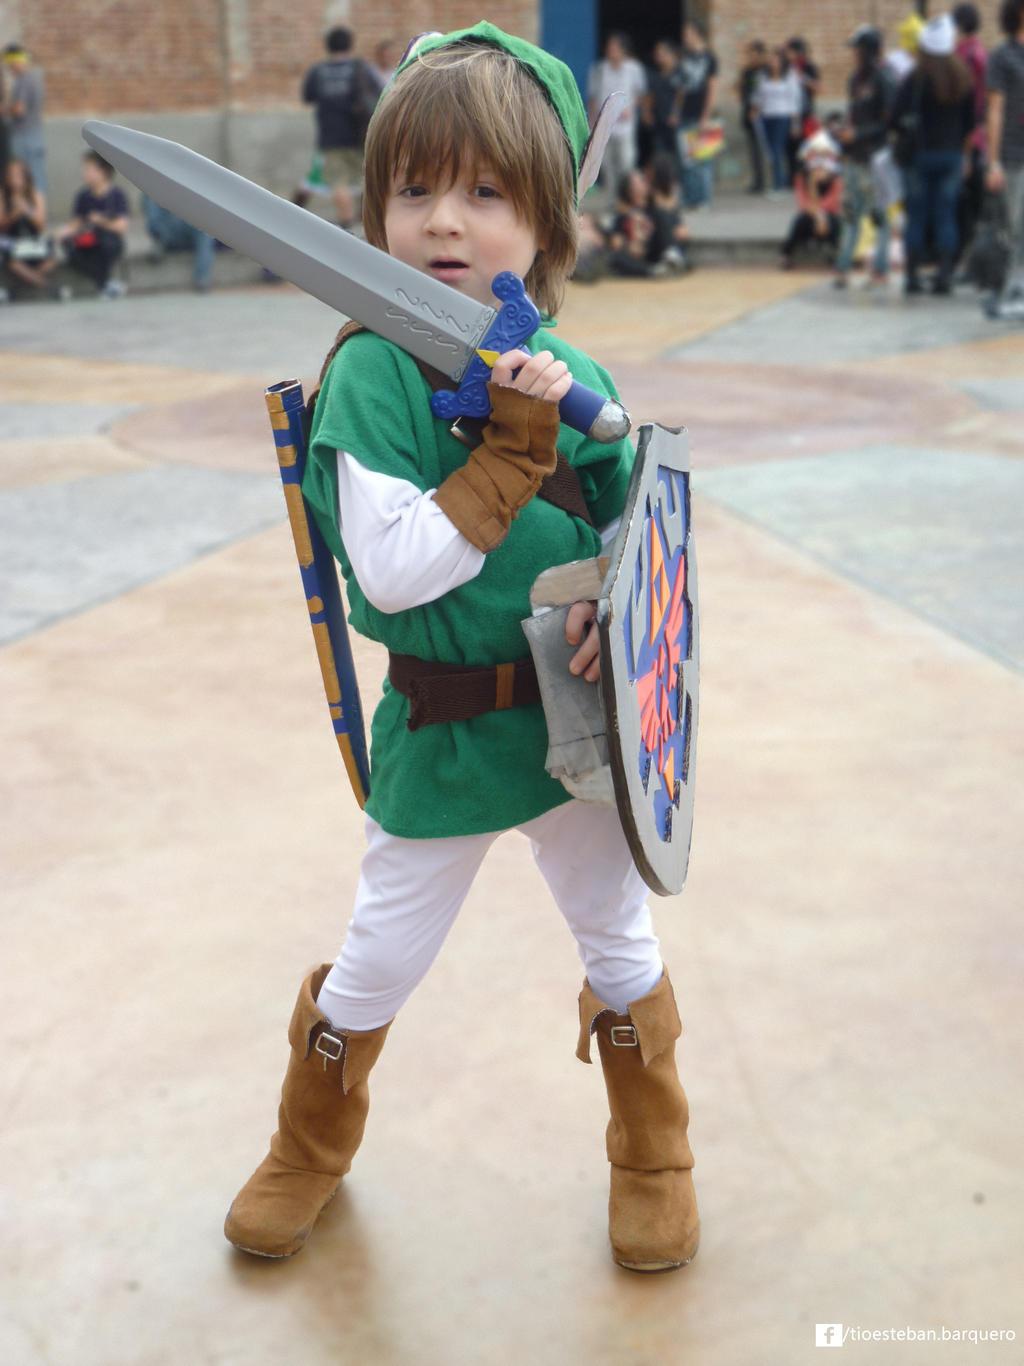 Link (The Legend of zelda) by nandolopal